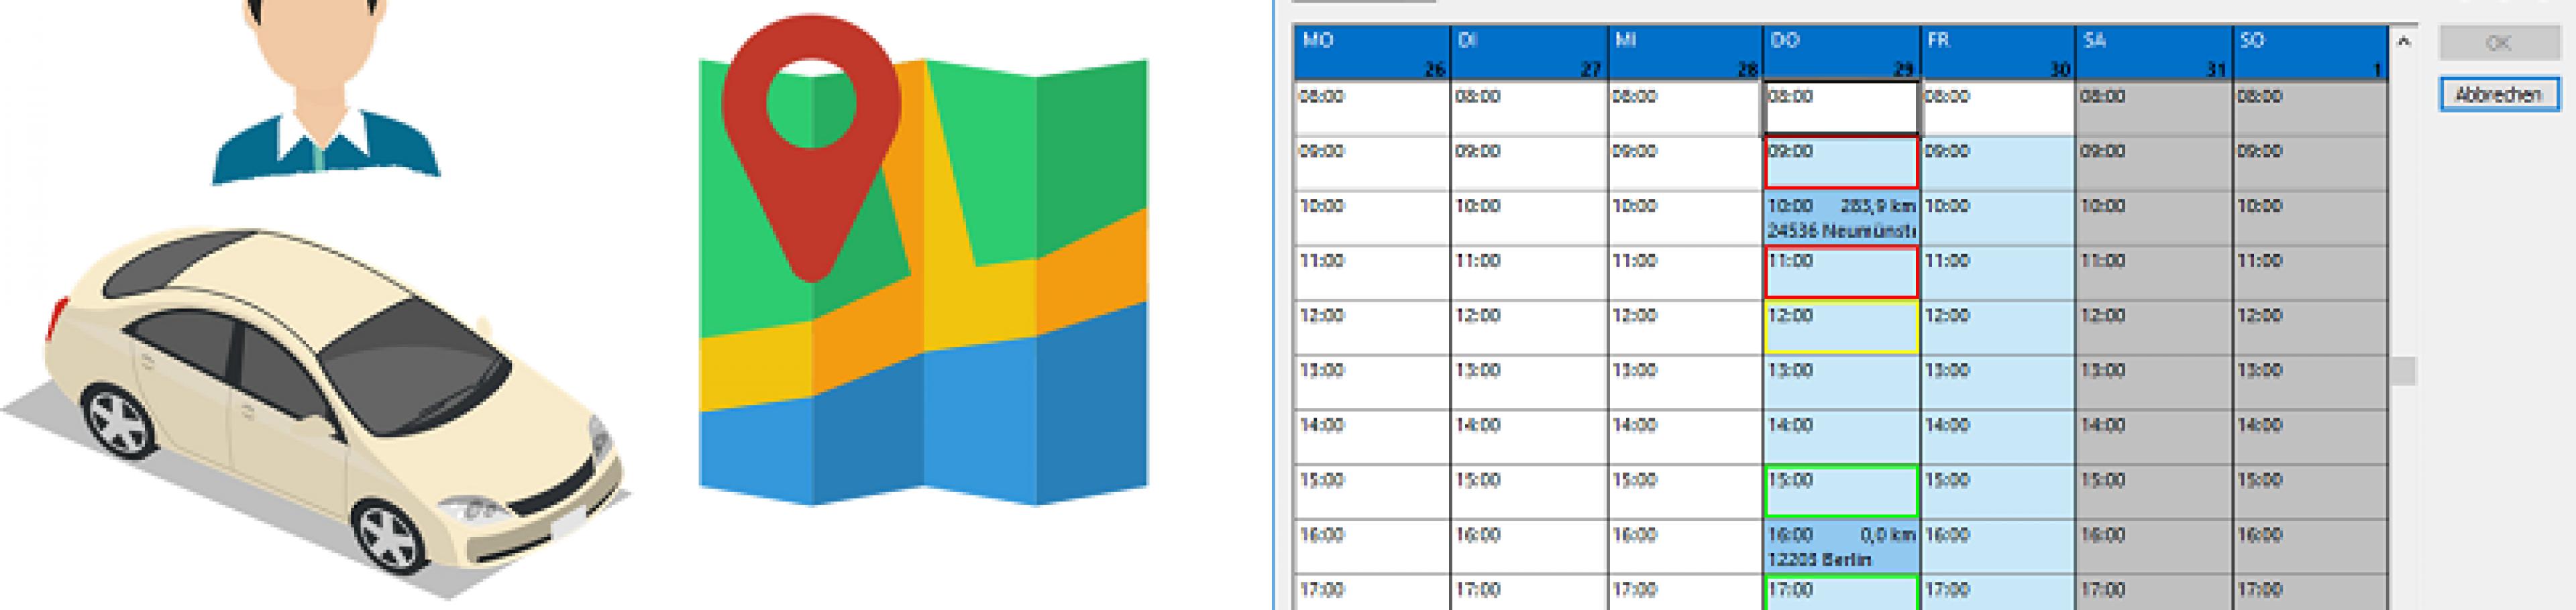 Abläufe im Callcenter beschleunigen: entfernungsoptimieret Terminvereinbarung